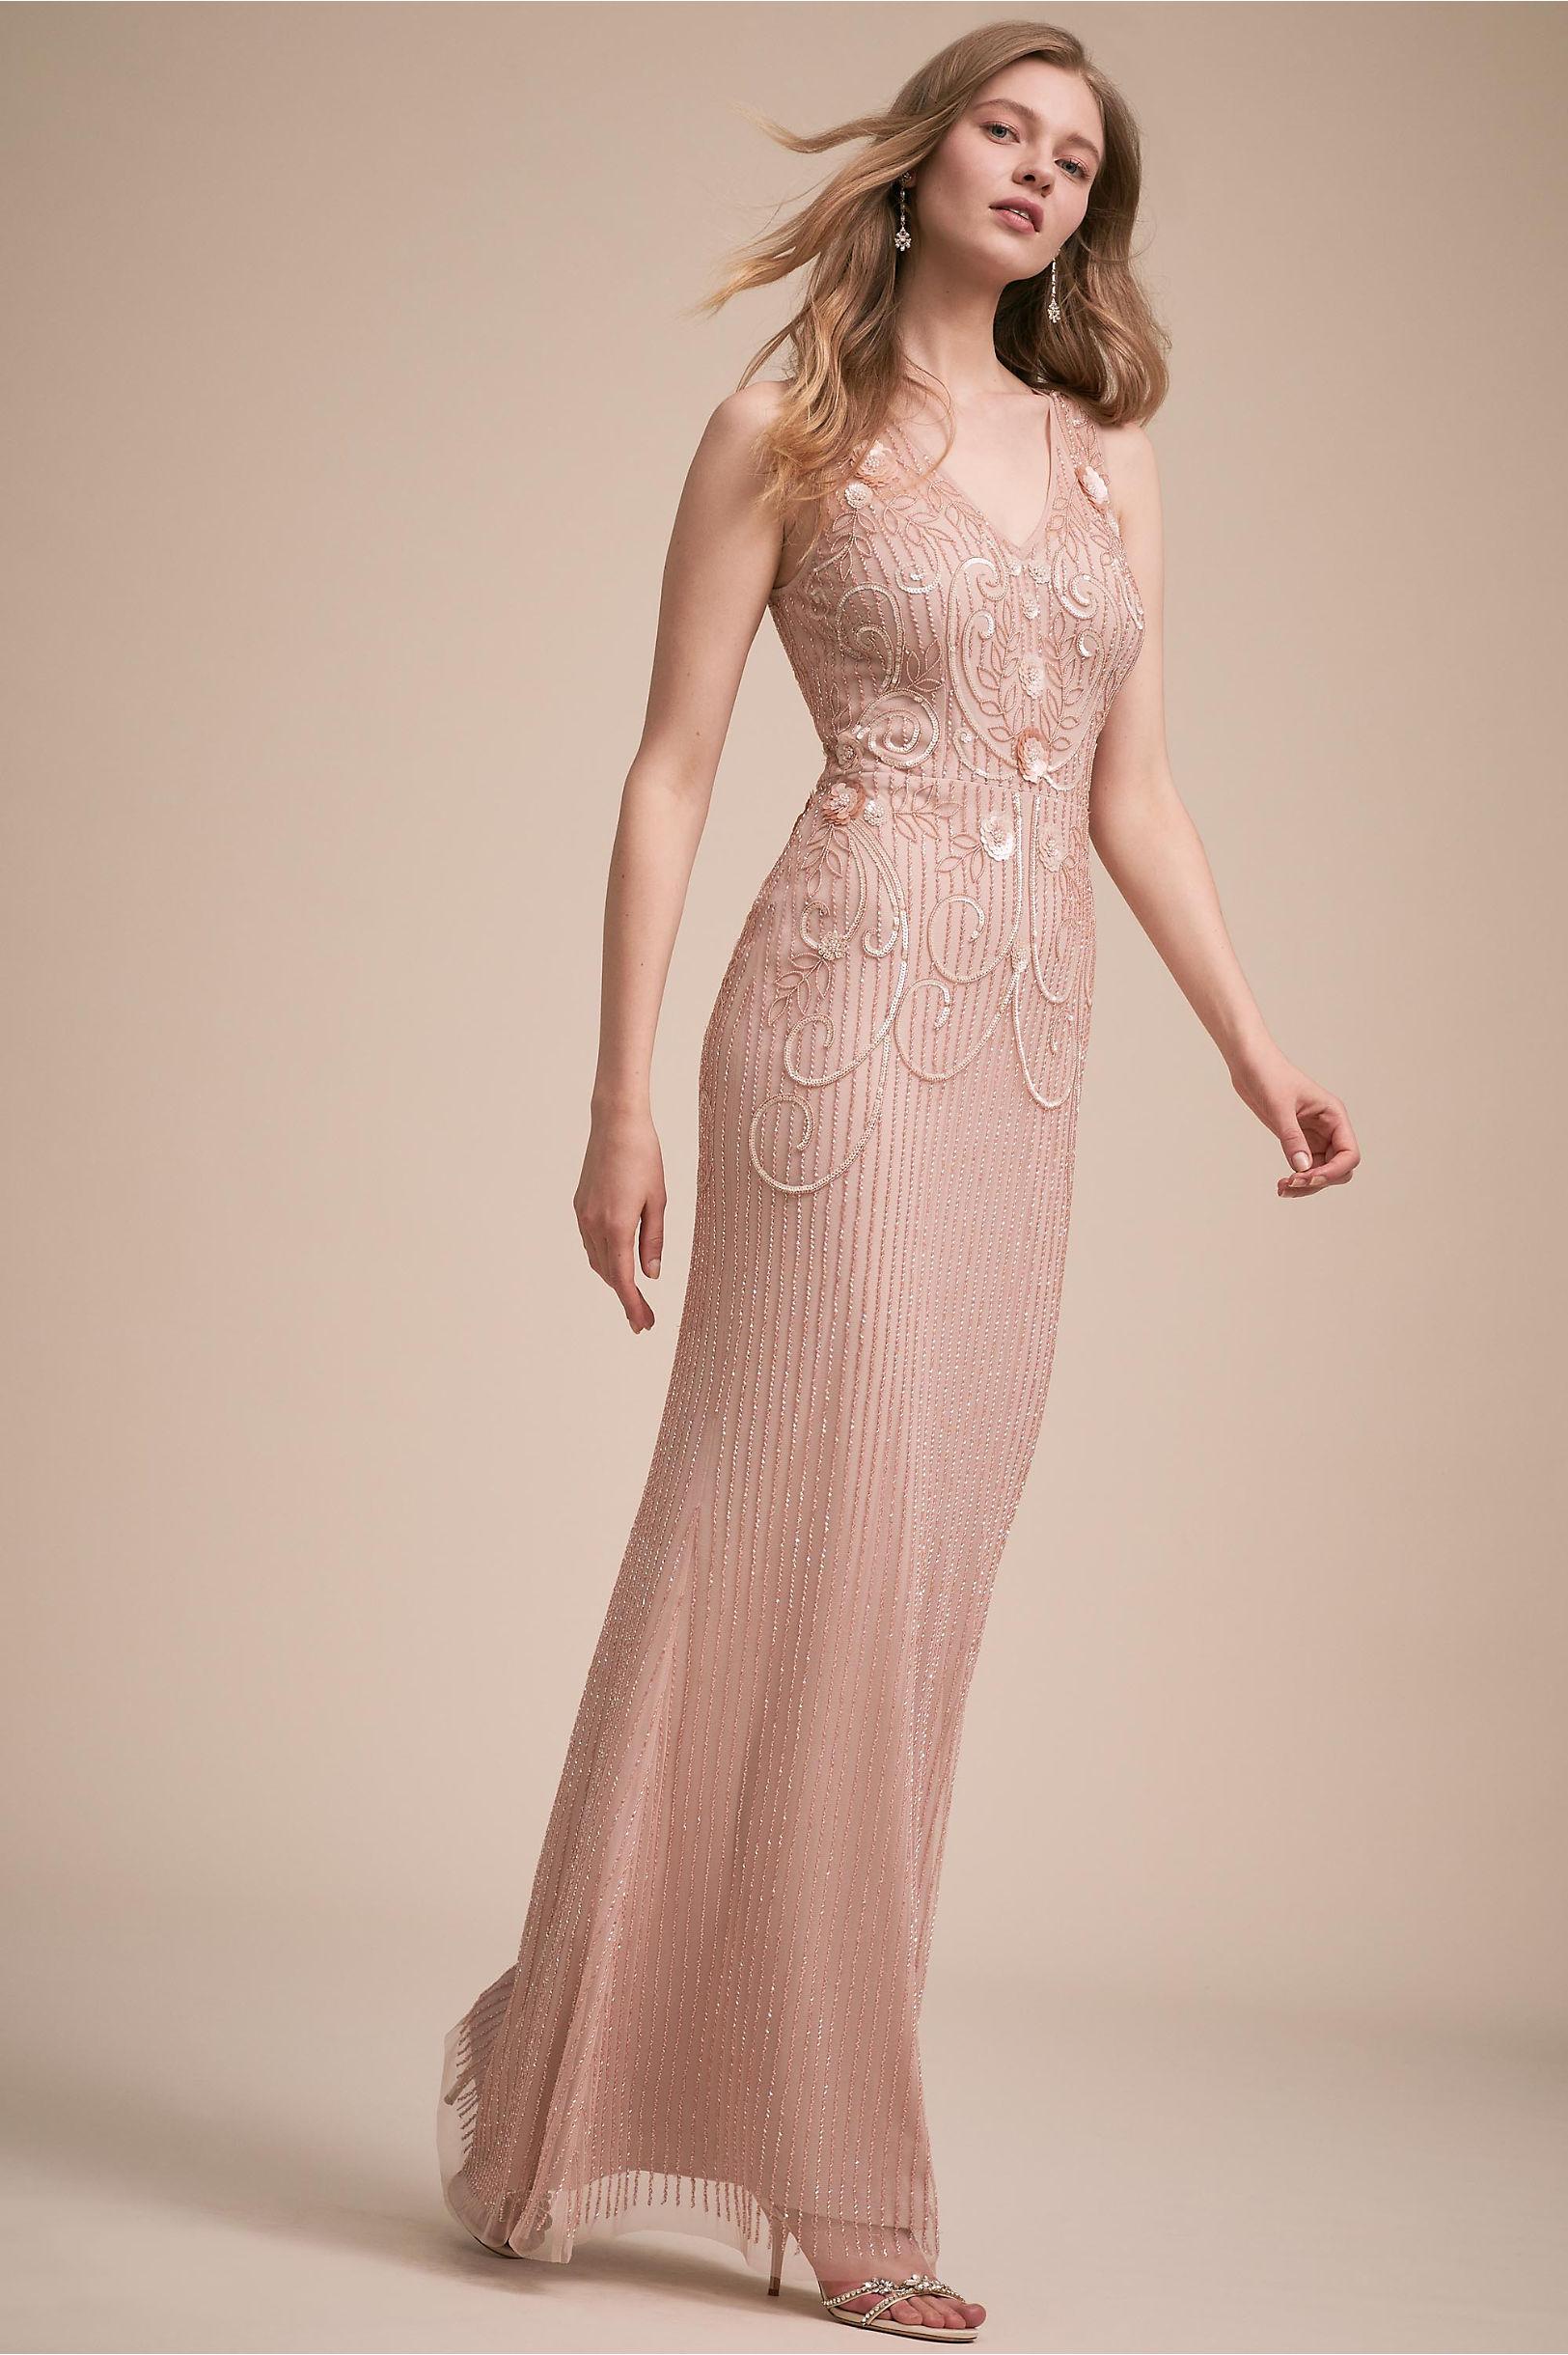 Vintage Style Wedding Dresses, Vintage Inspired Wedding Gowns Kincaid Dress $260.00 AT vintagedancer.com